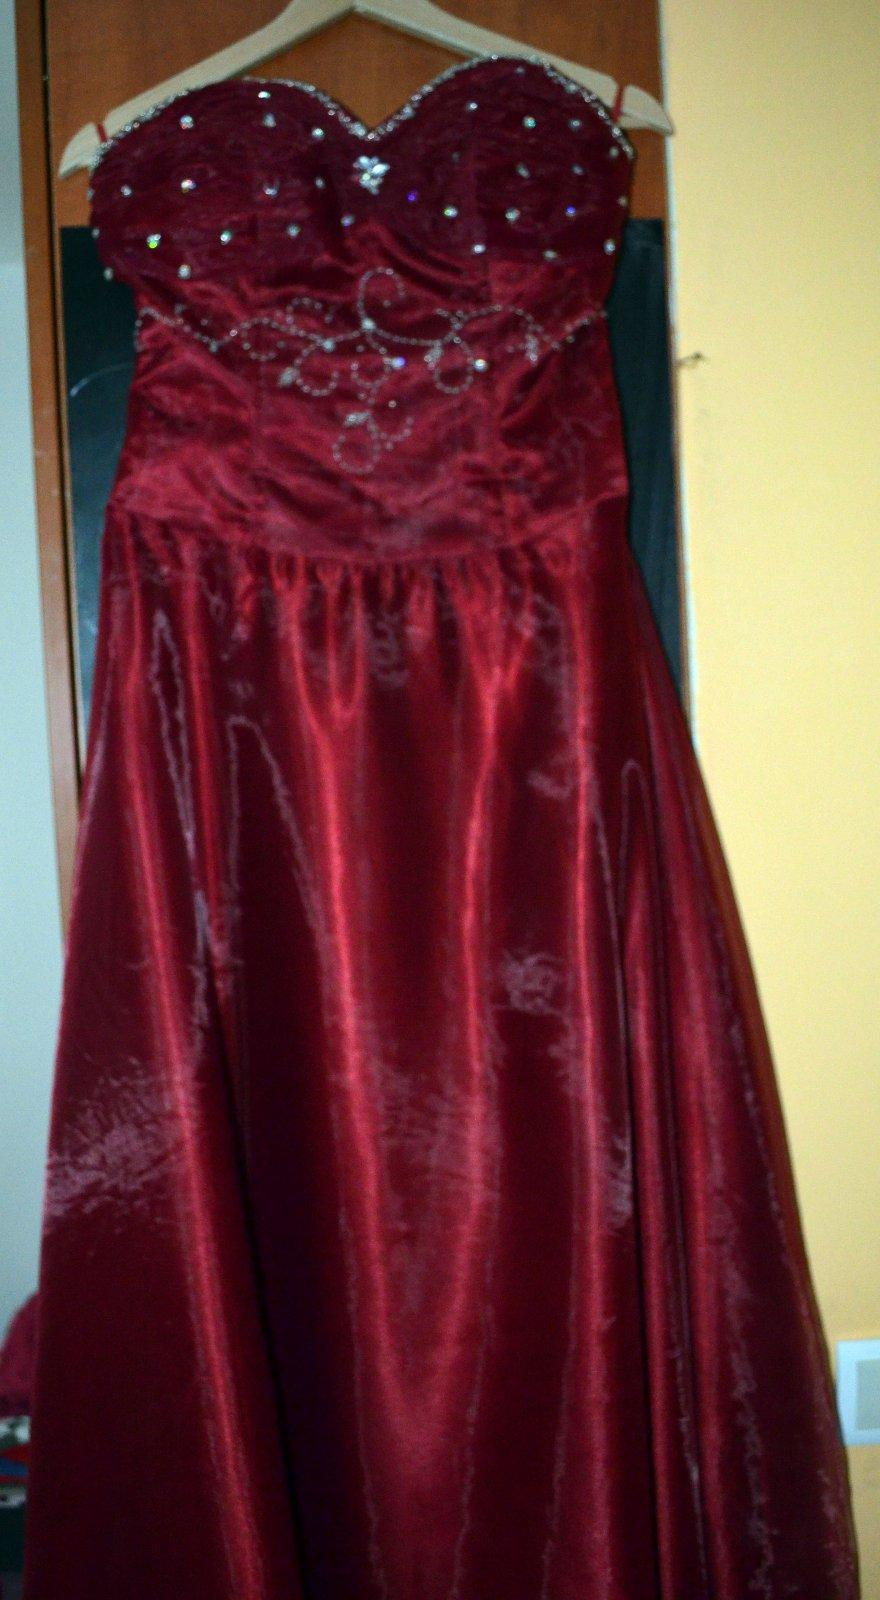 d56b7a9d9520 Spoločenské šaty raz oblečené vzadu zo stuhou